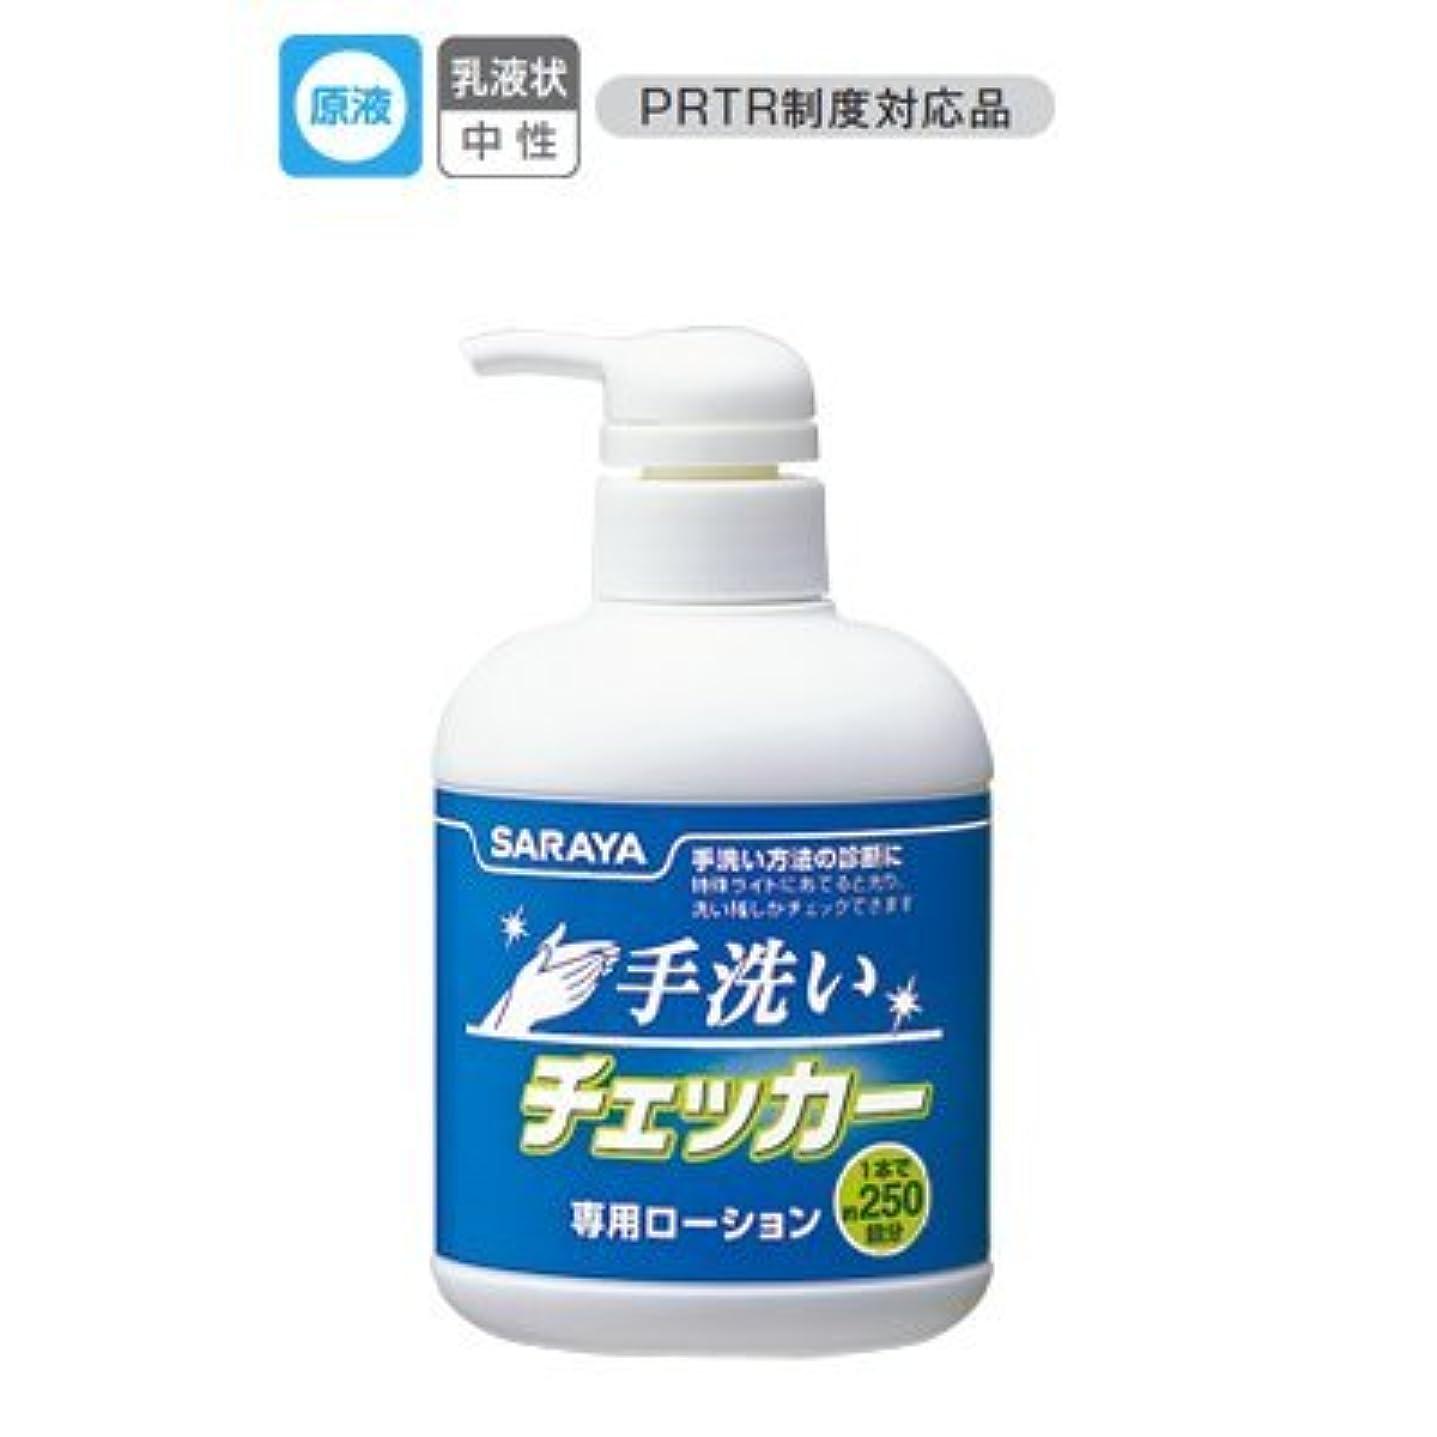 感性入浴療法サラヤ 手洗いチェッカー 専用ローション 250mL【清潔キレイ館】